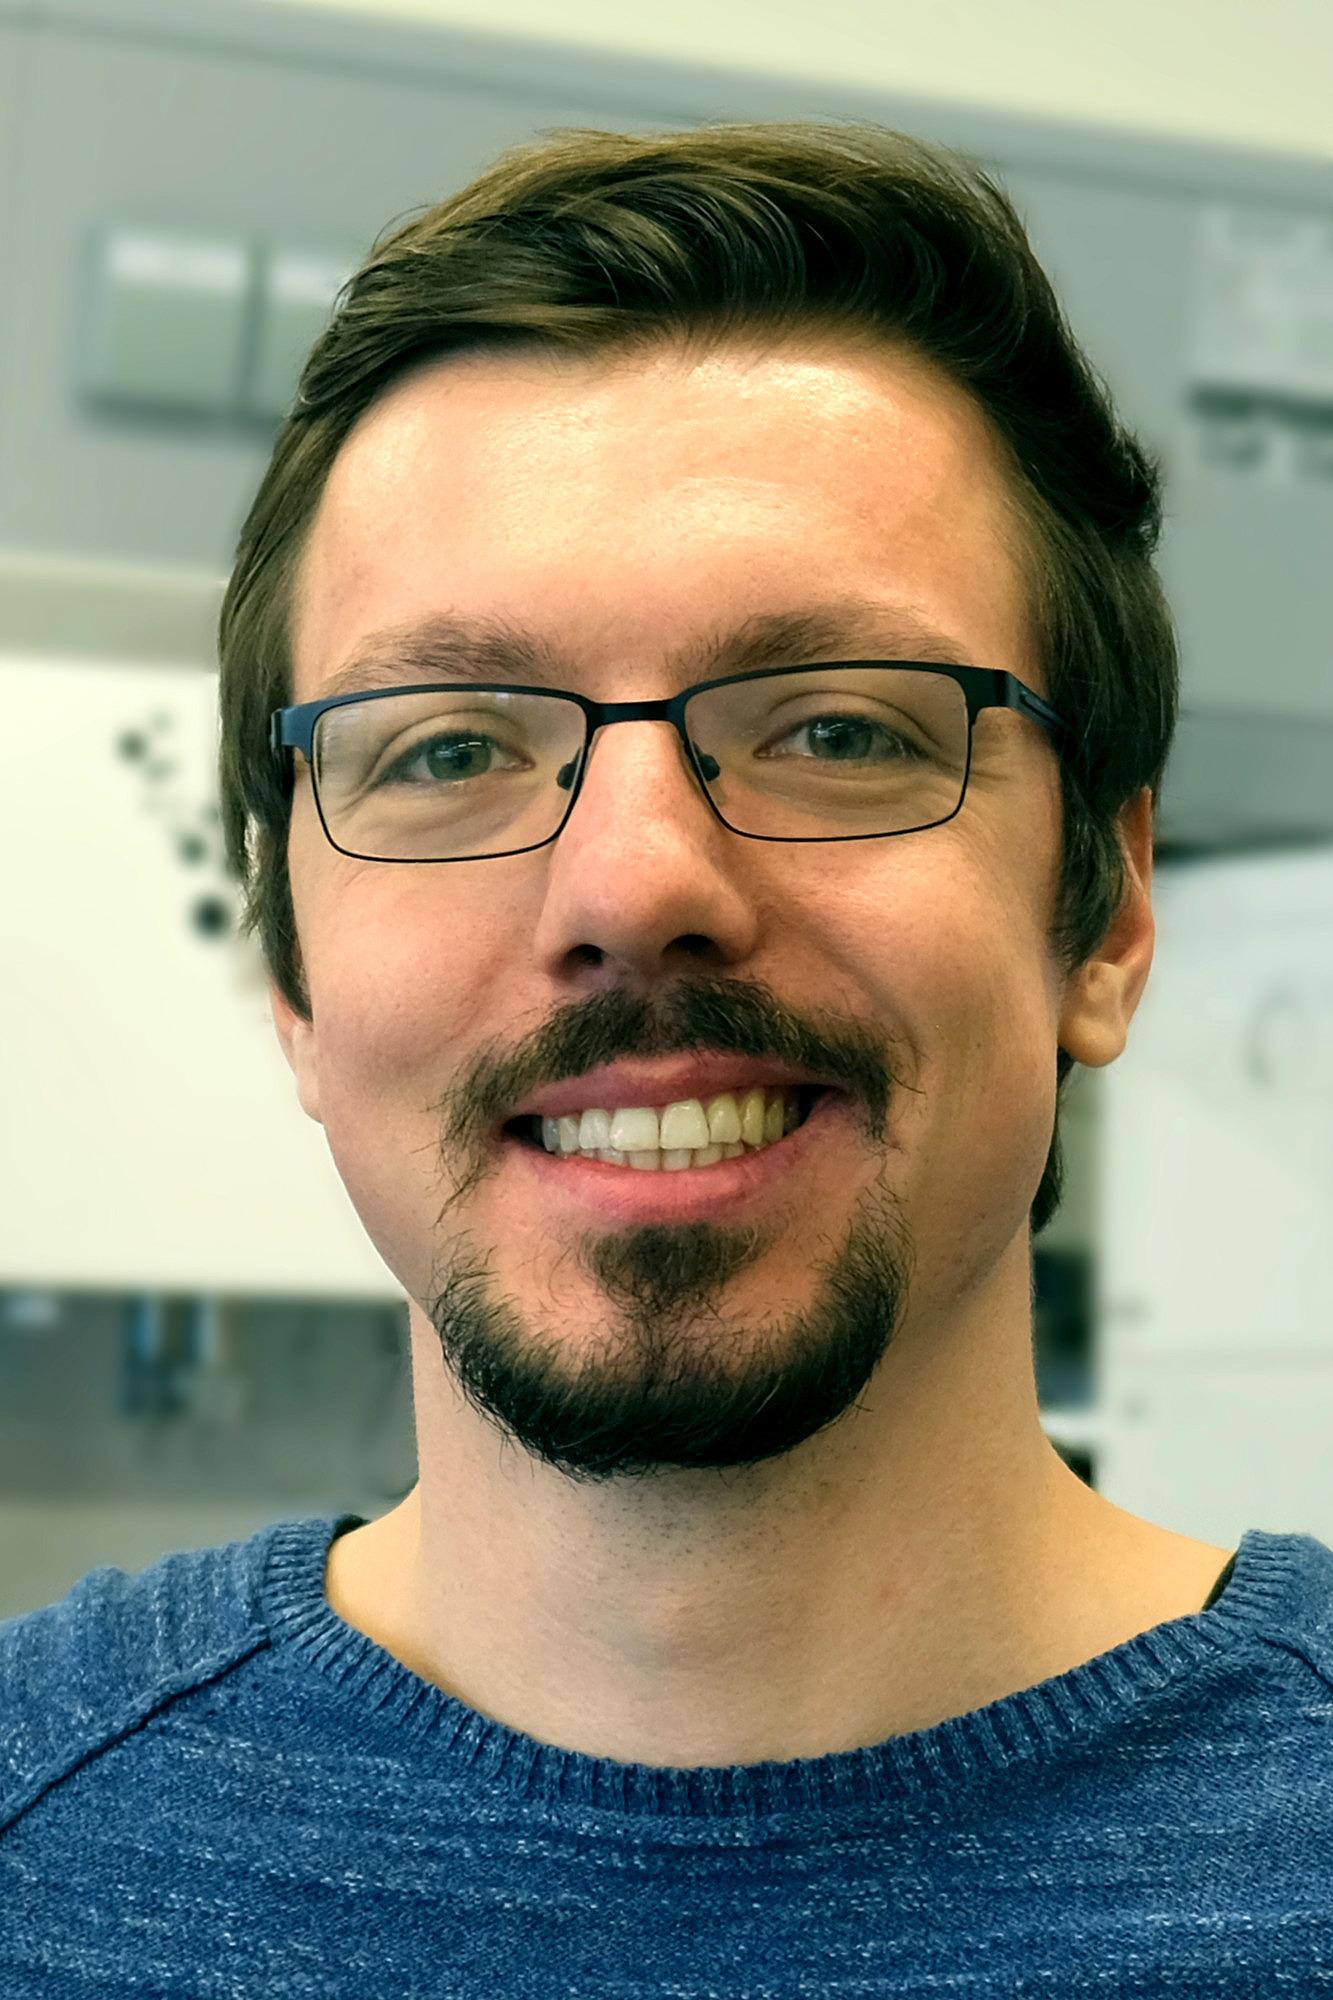 Markus Terlinden